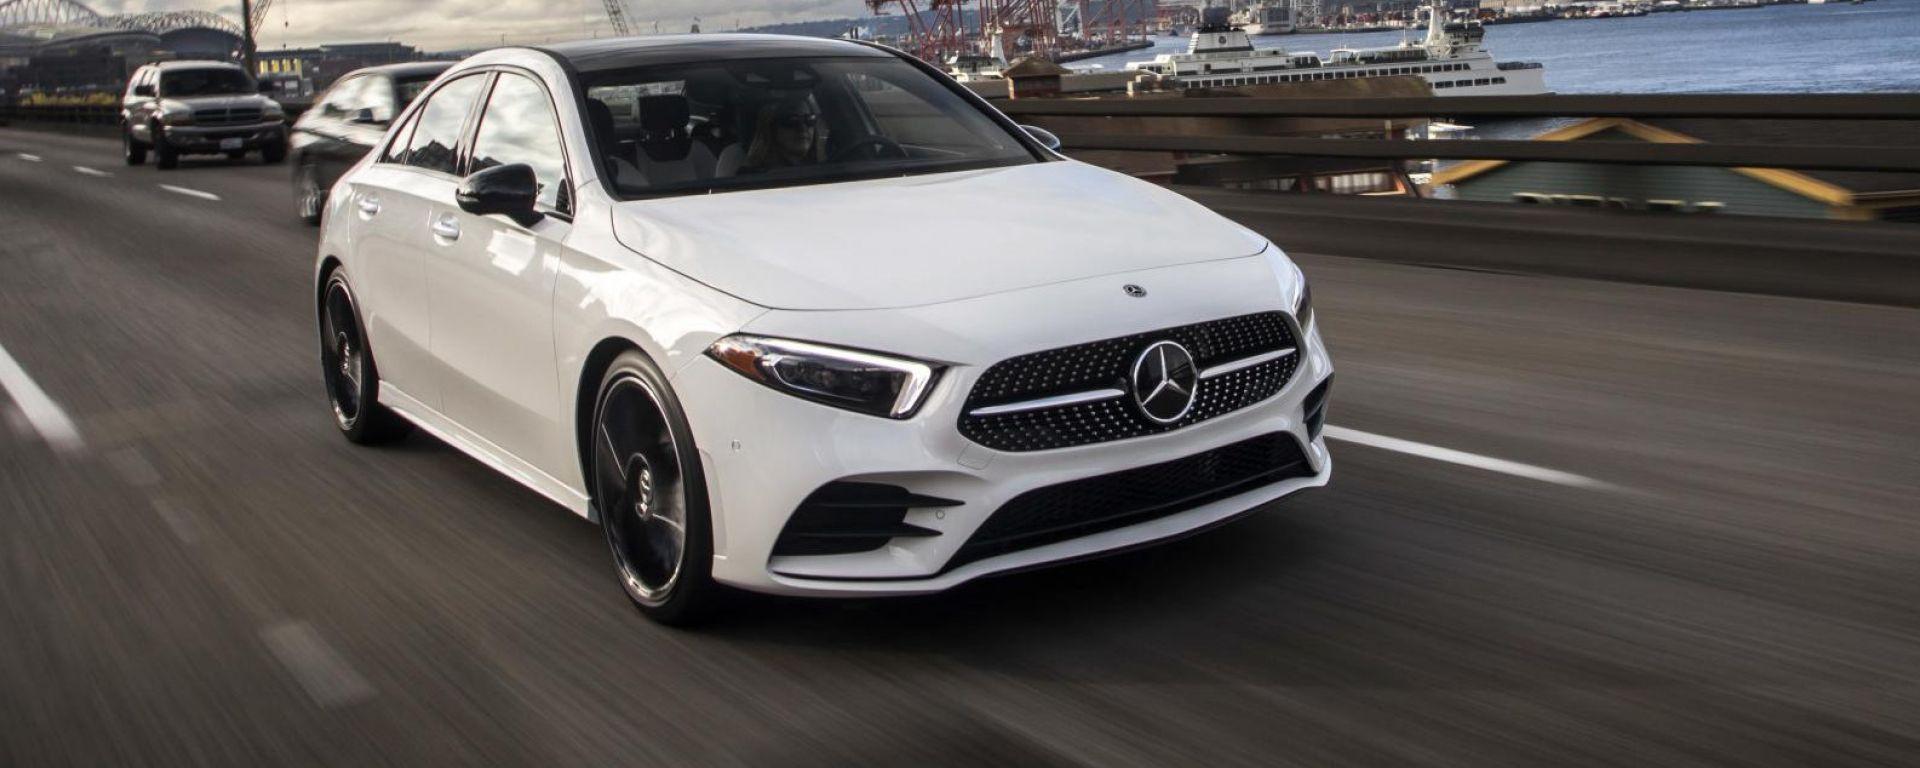 Mercedes A 200d Automatic: motore da 150 CV e 320 Nm